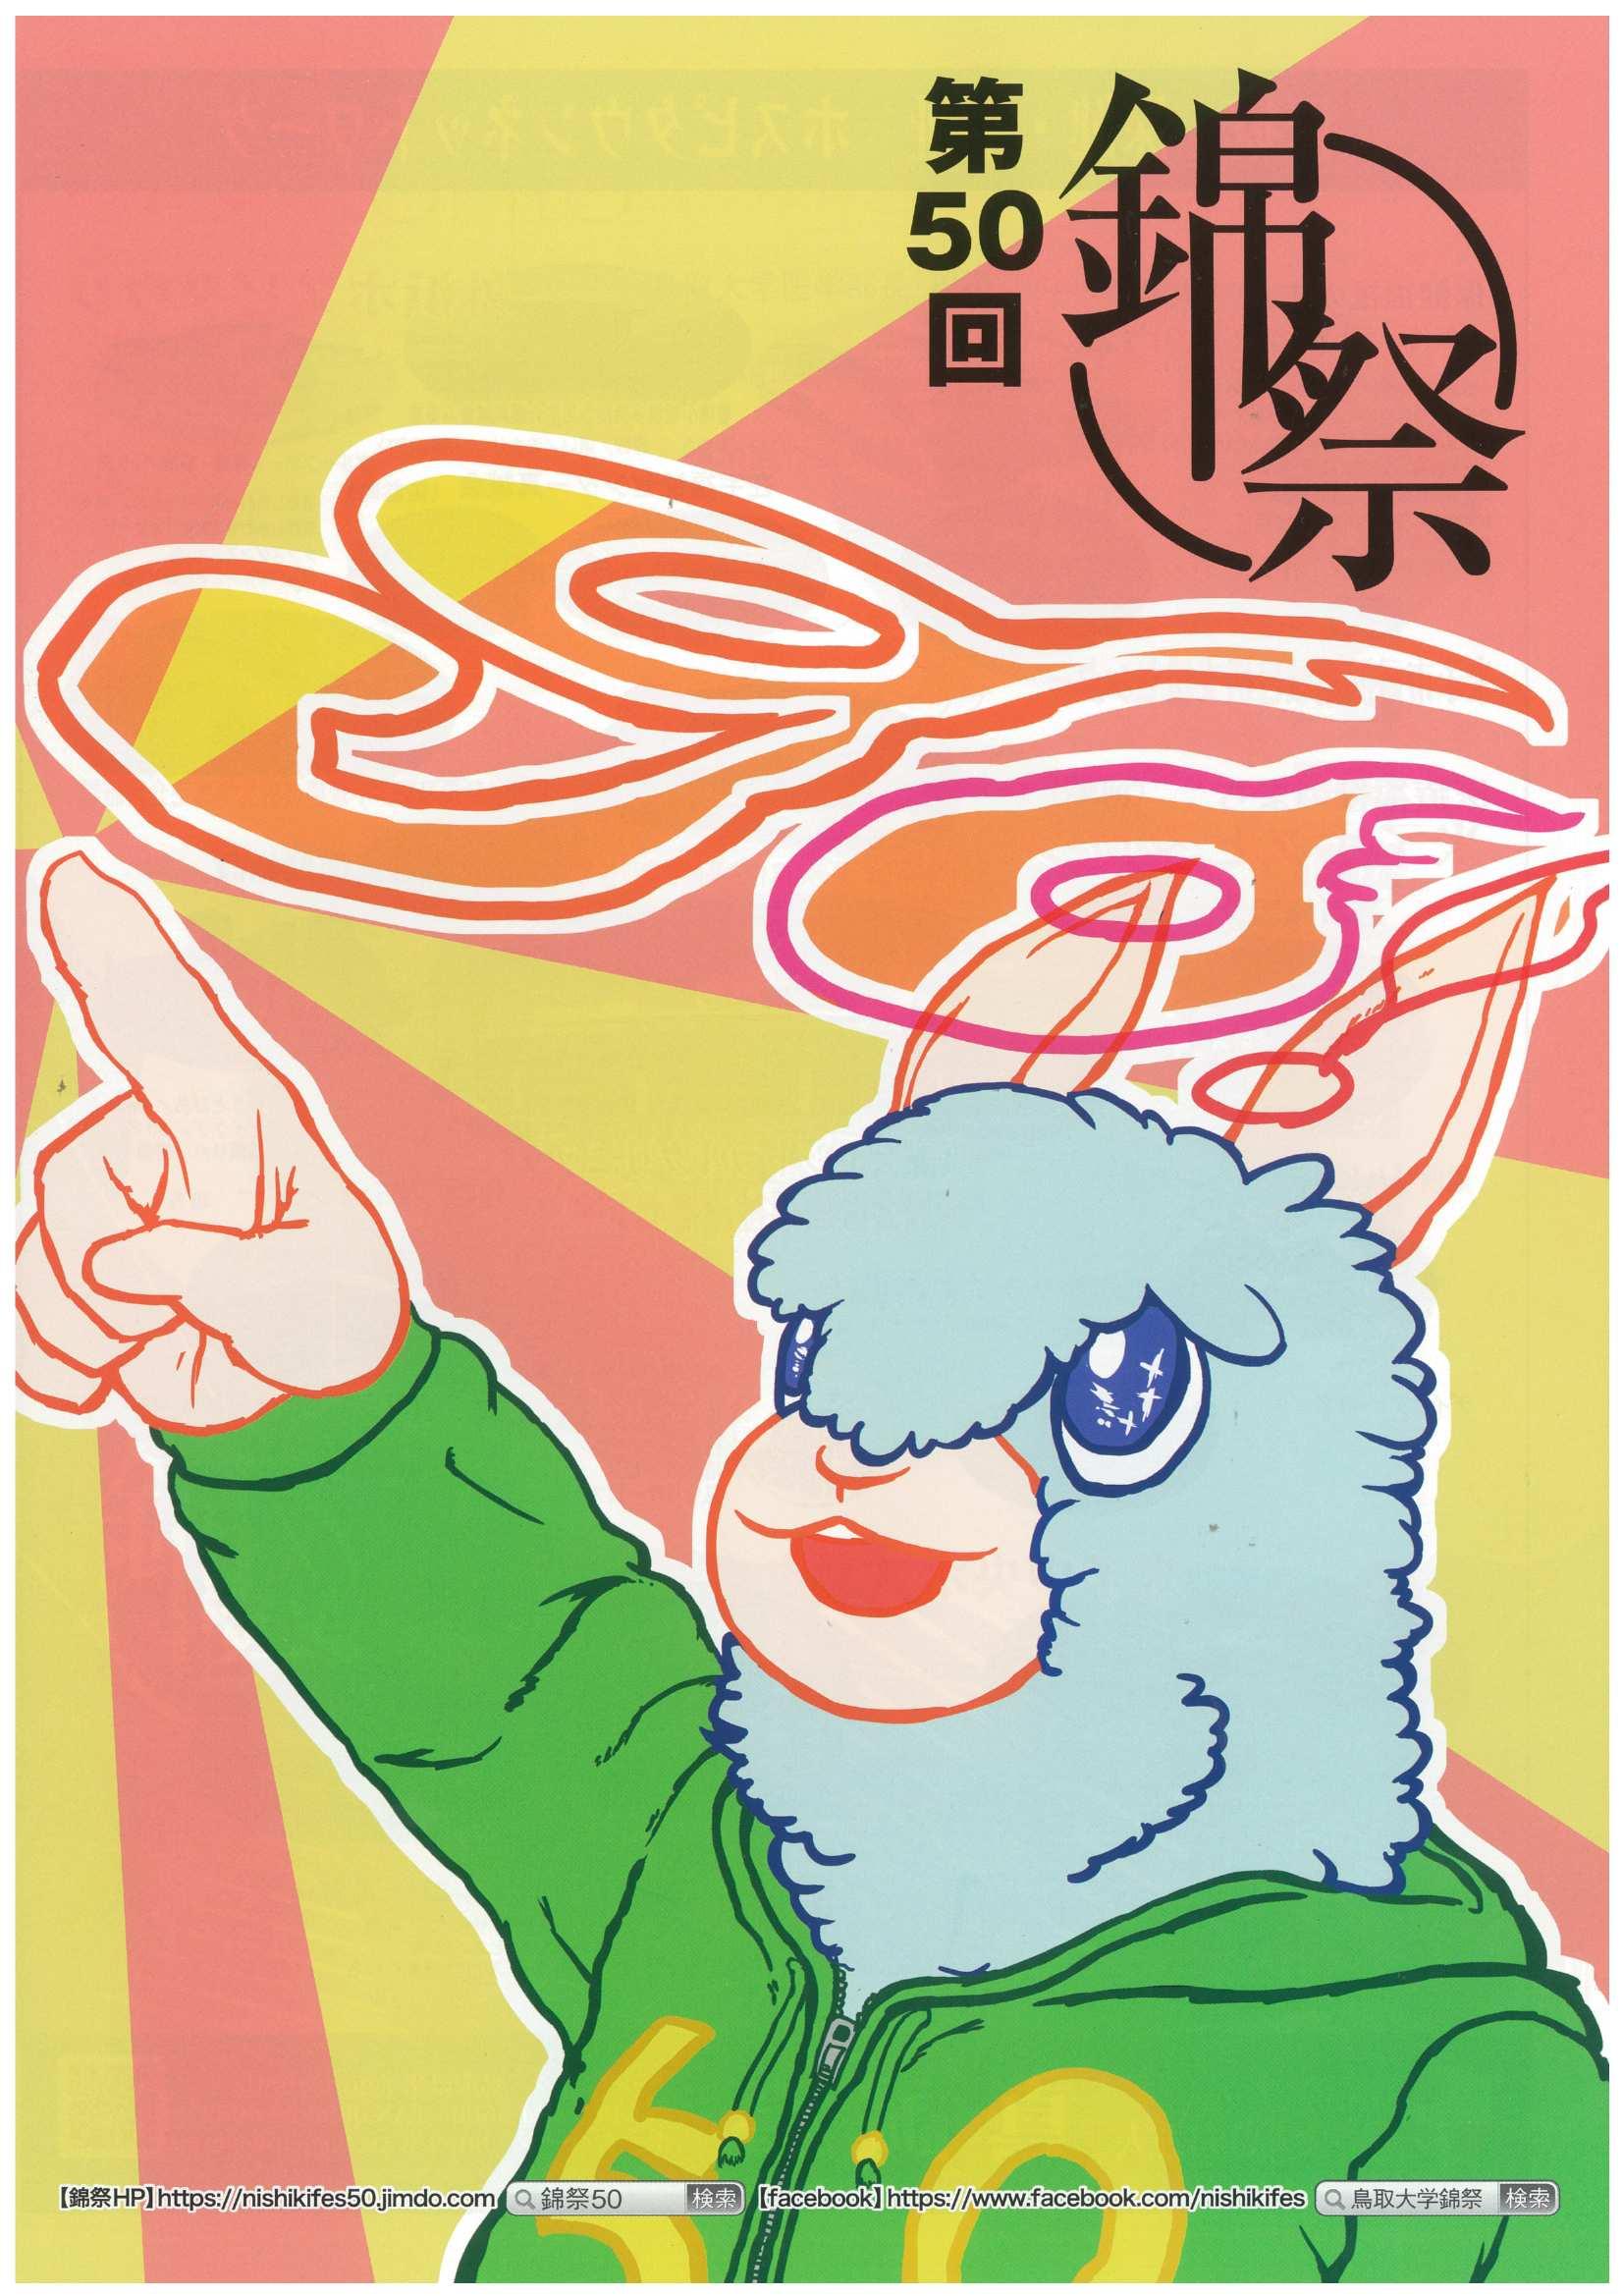 291018_【お知らせ】錦際+オープンキャンパス(新着情報)1